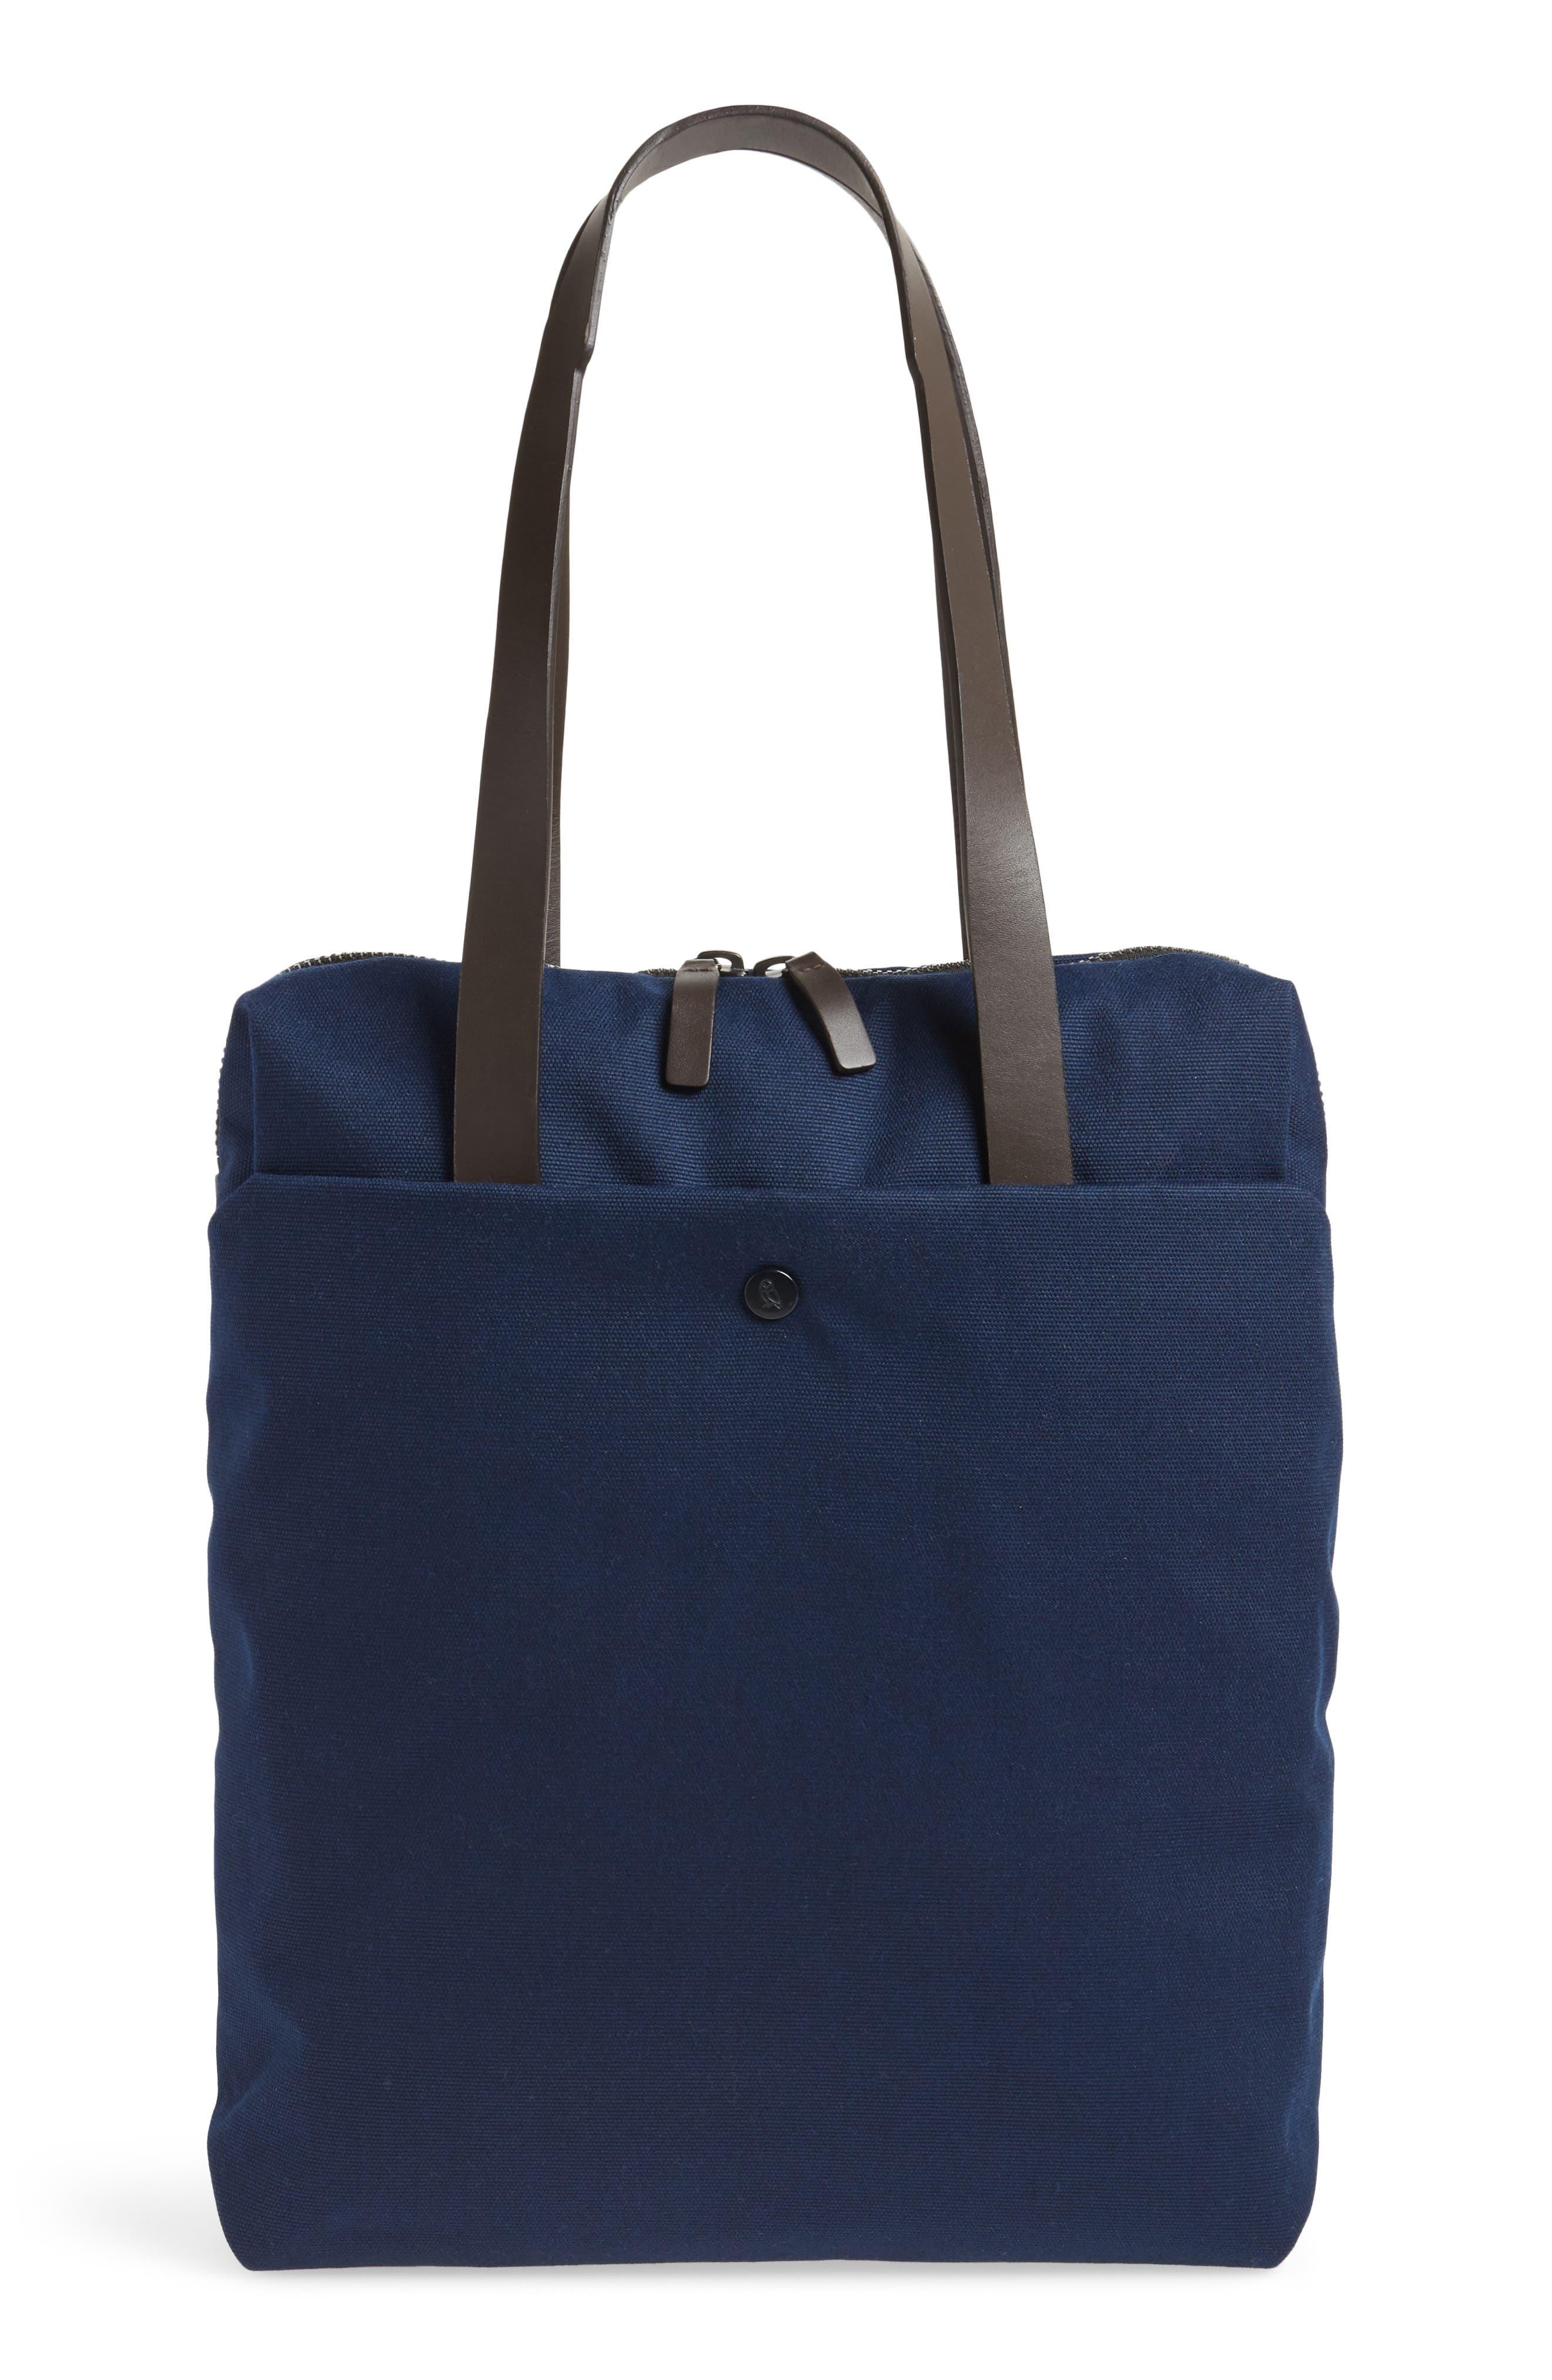 Main Image - Bellroy Slim Tote Bag